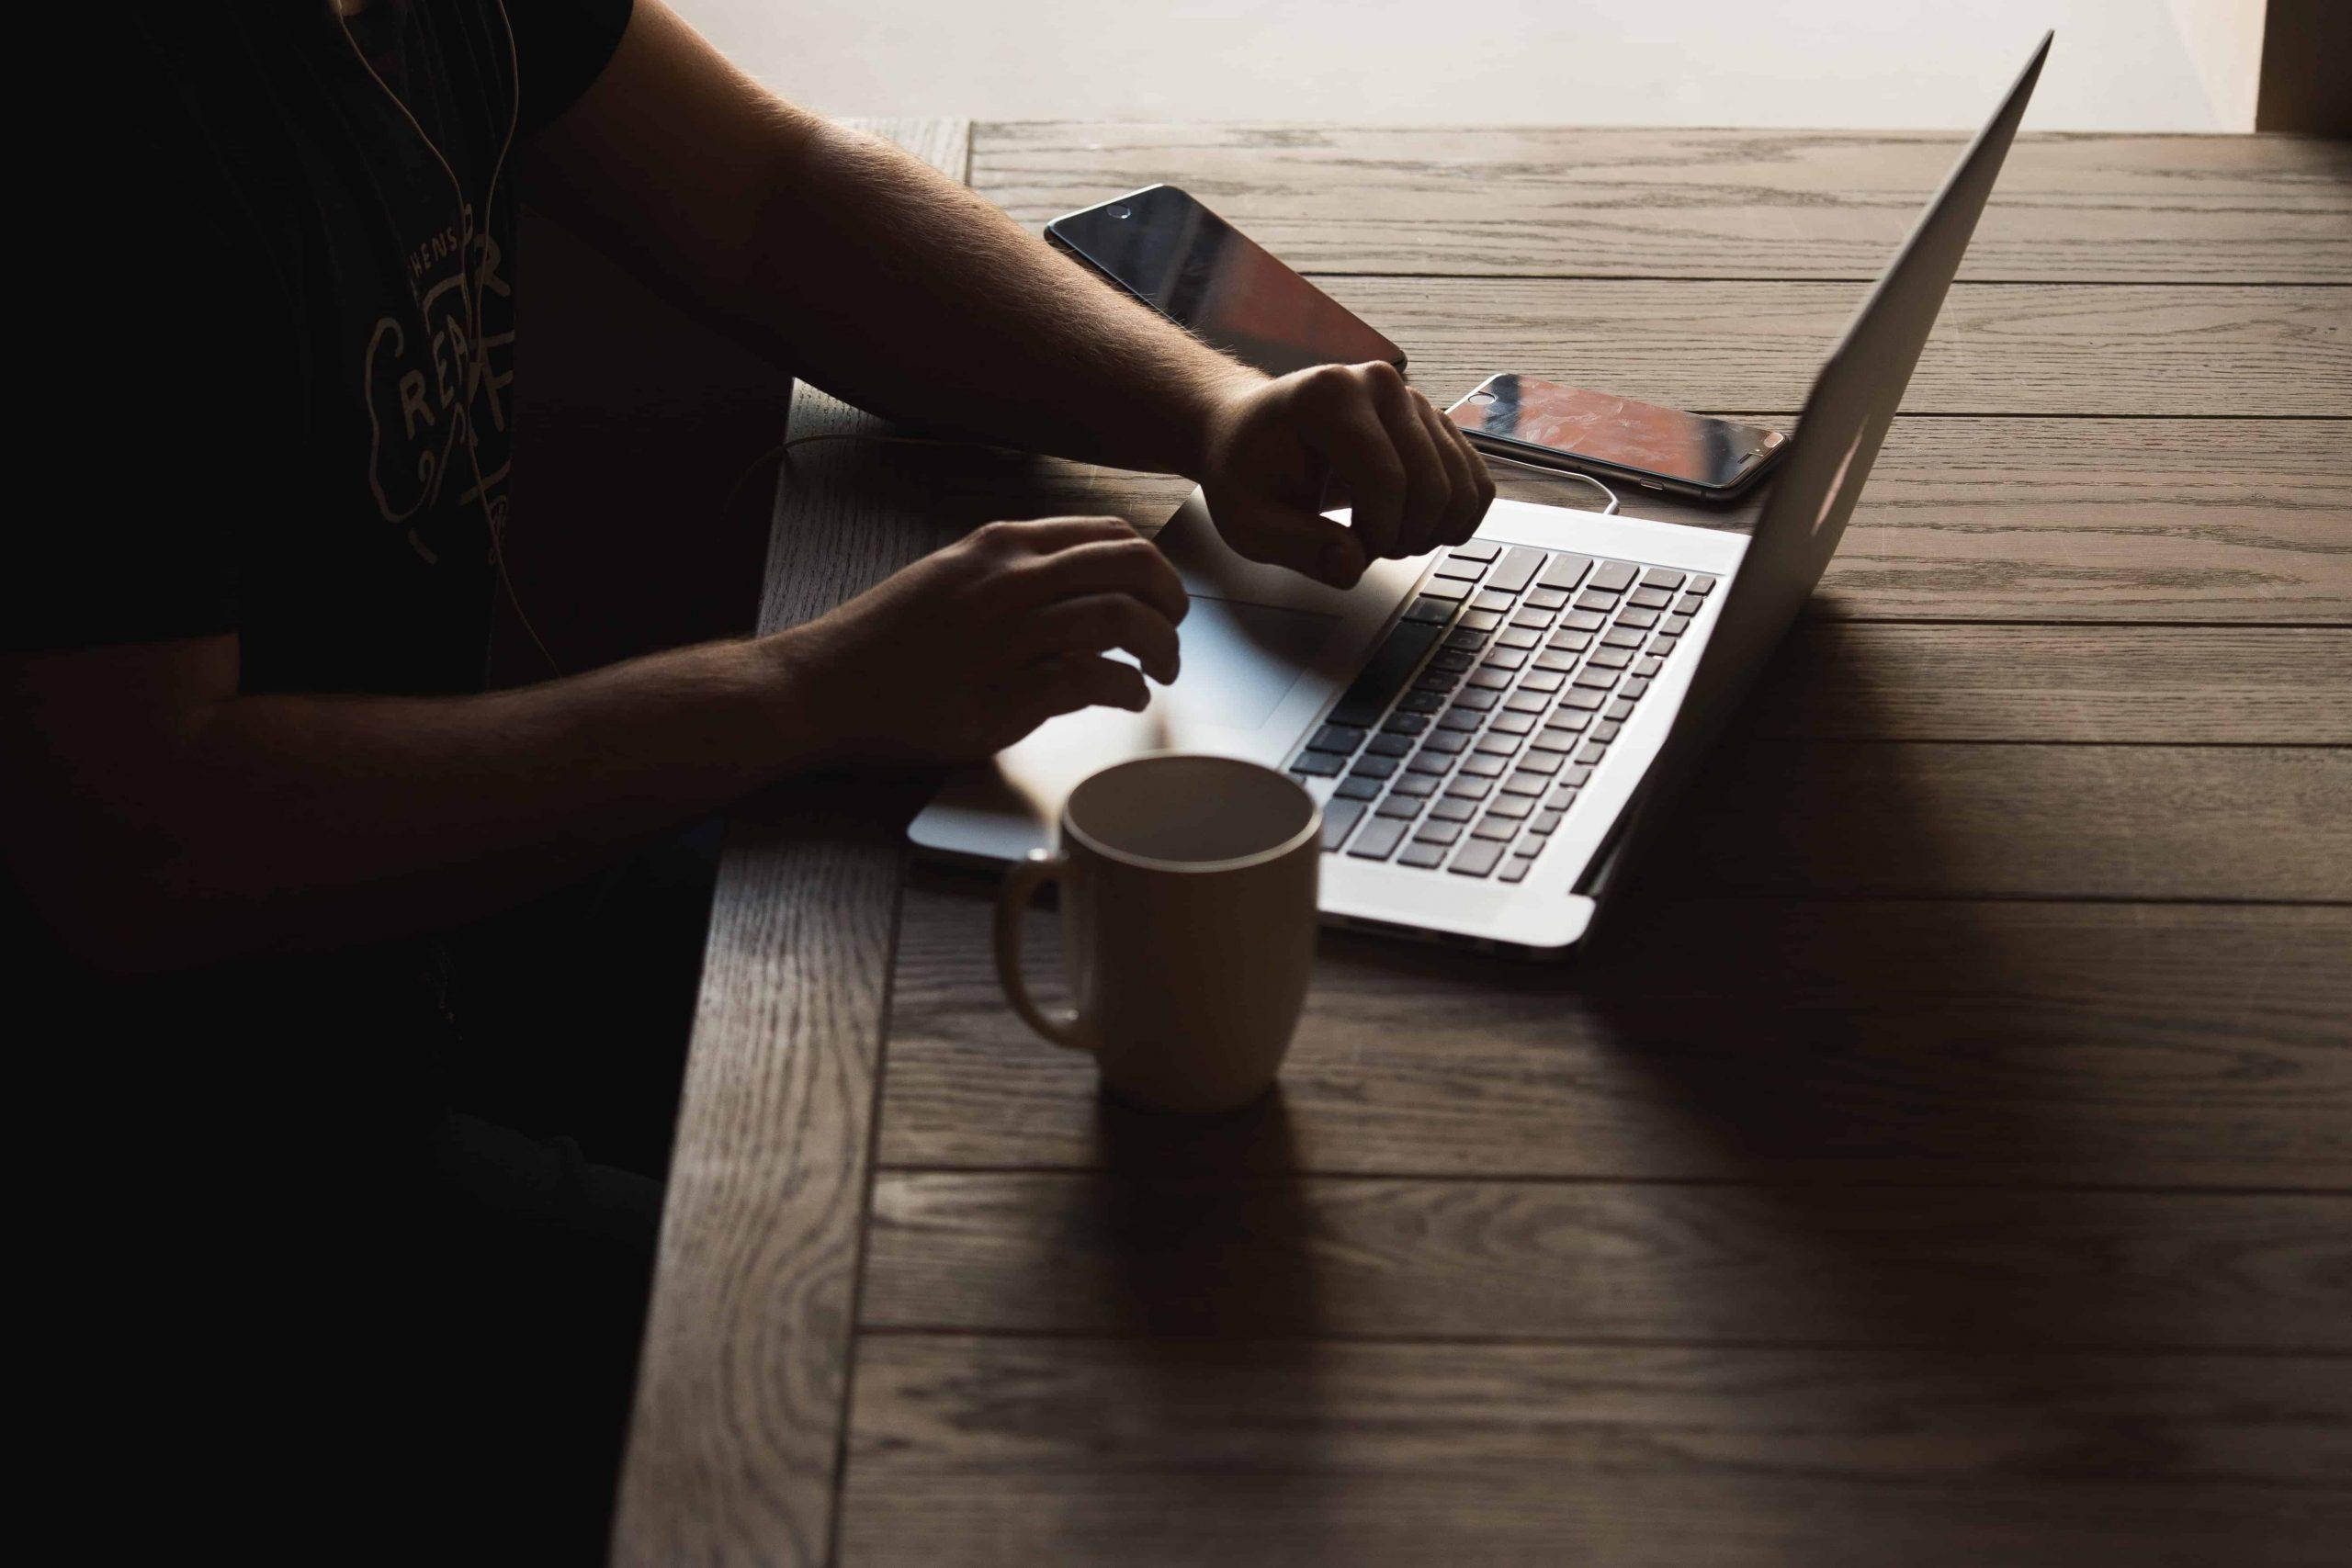 Netbook: Test & Empfehlungen (01/21)